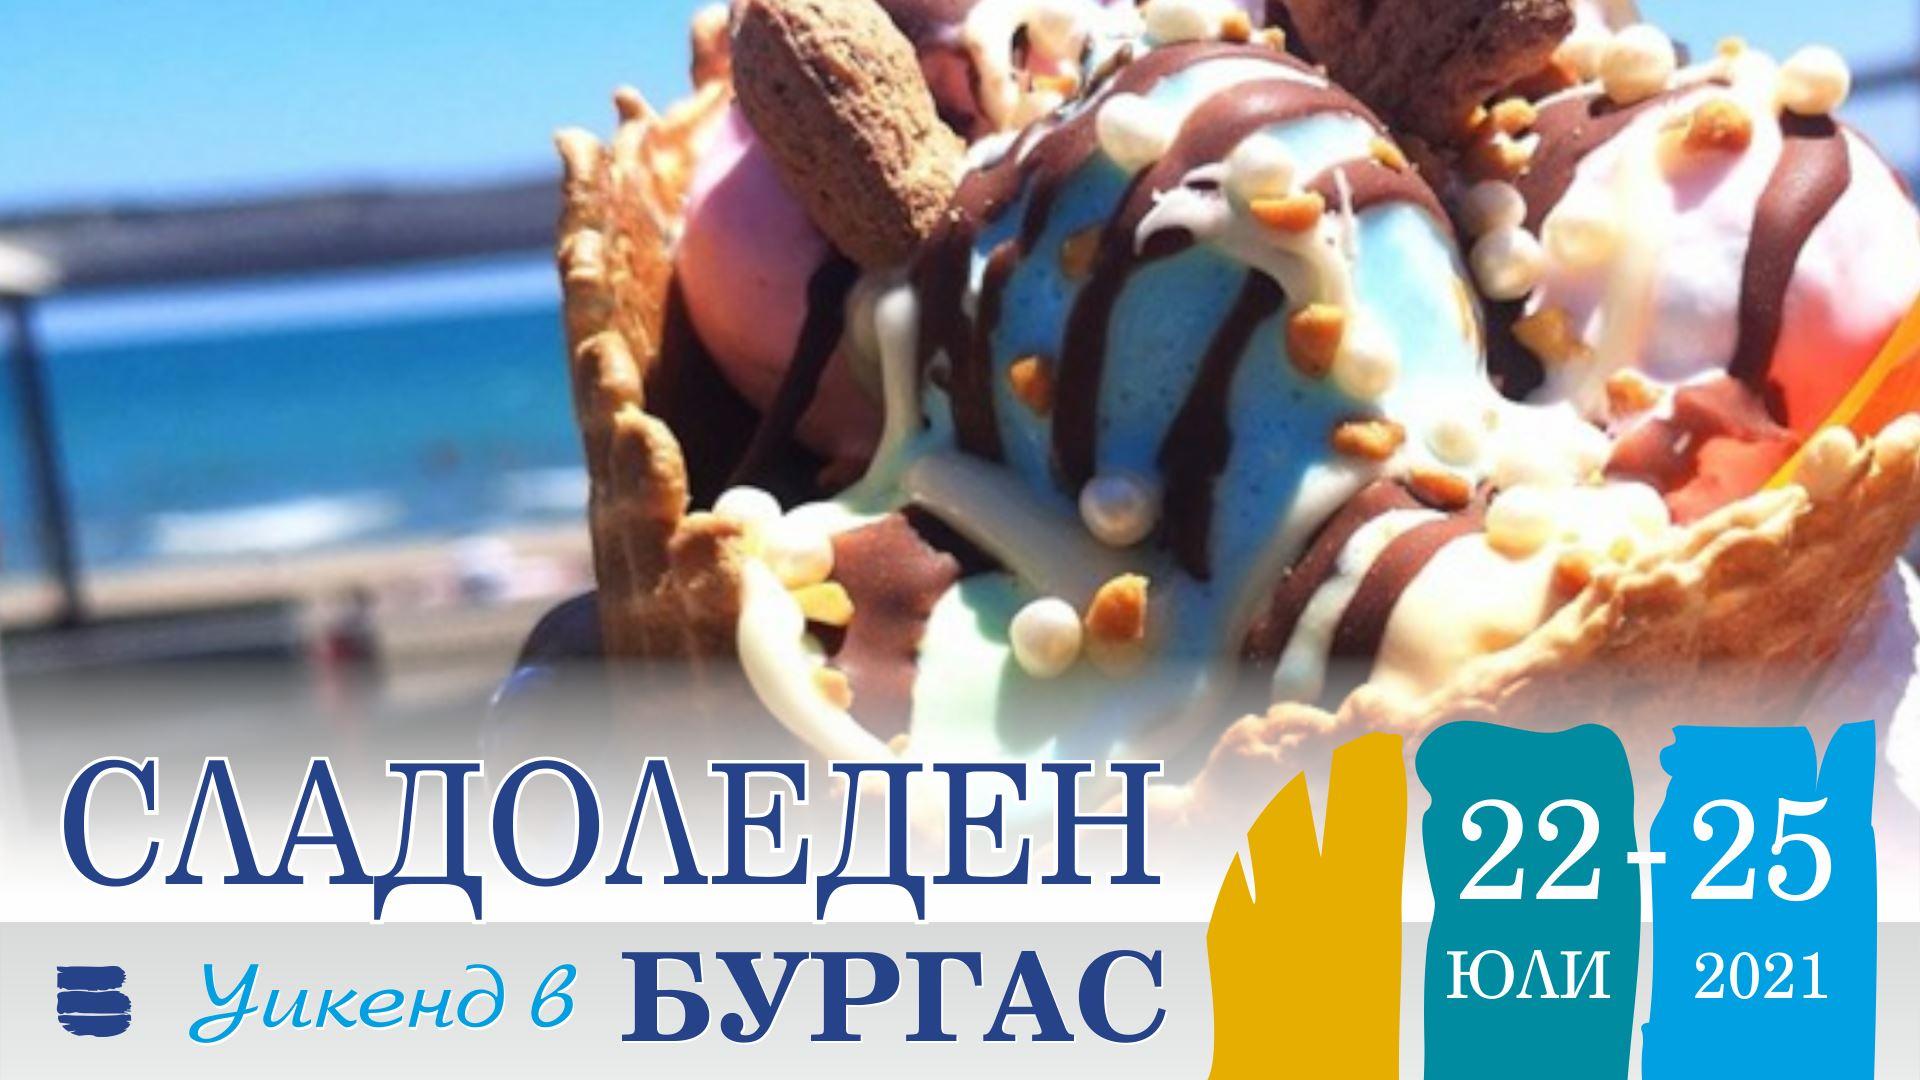 Сладоледен уикенд в Бургас 22 - 25 юли